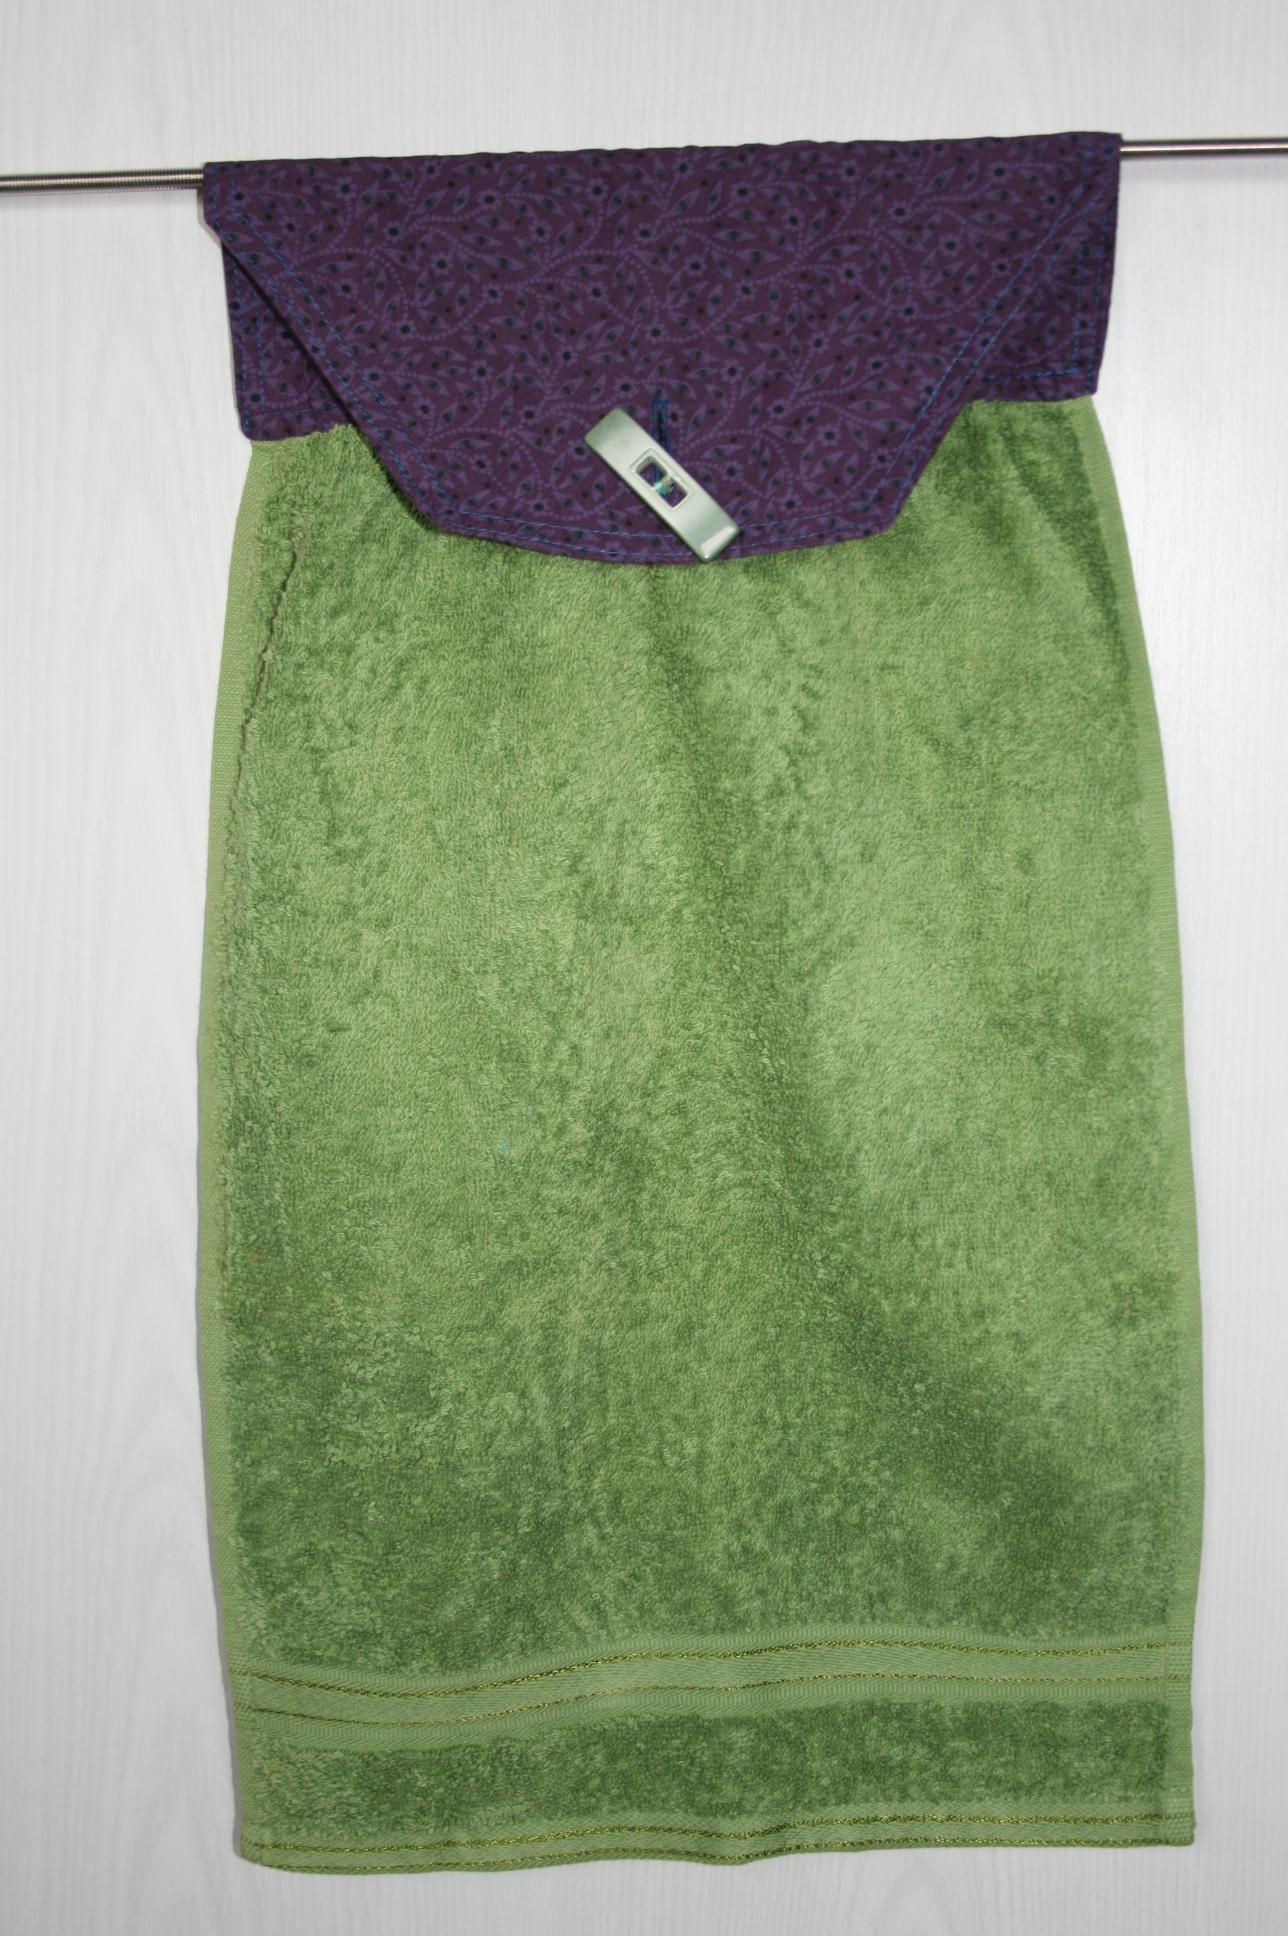 Handtuch grün -violett